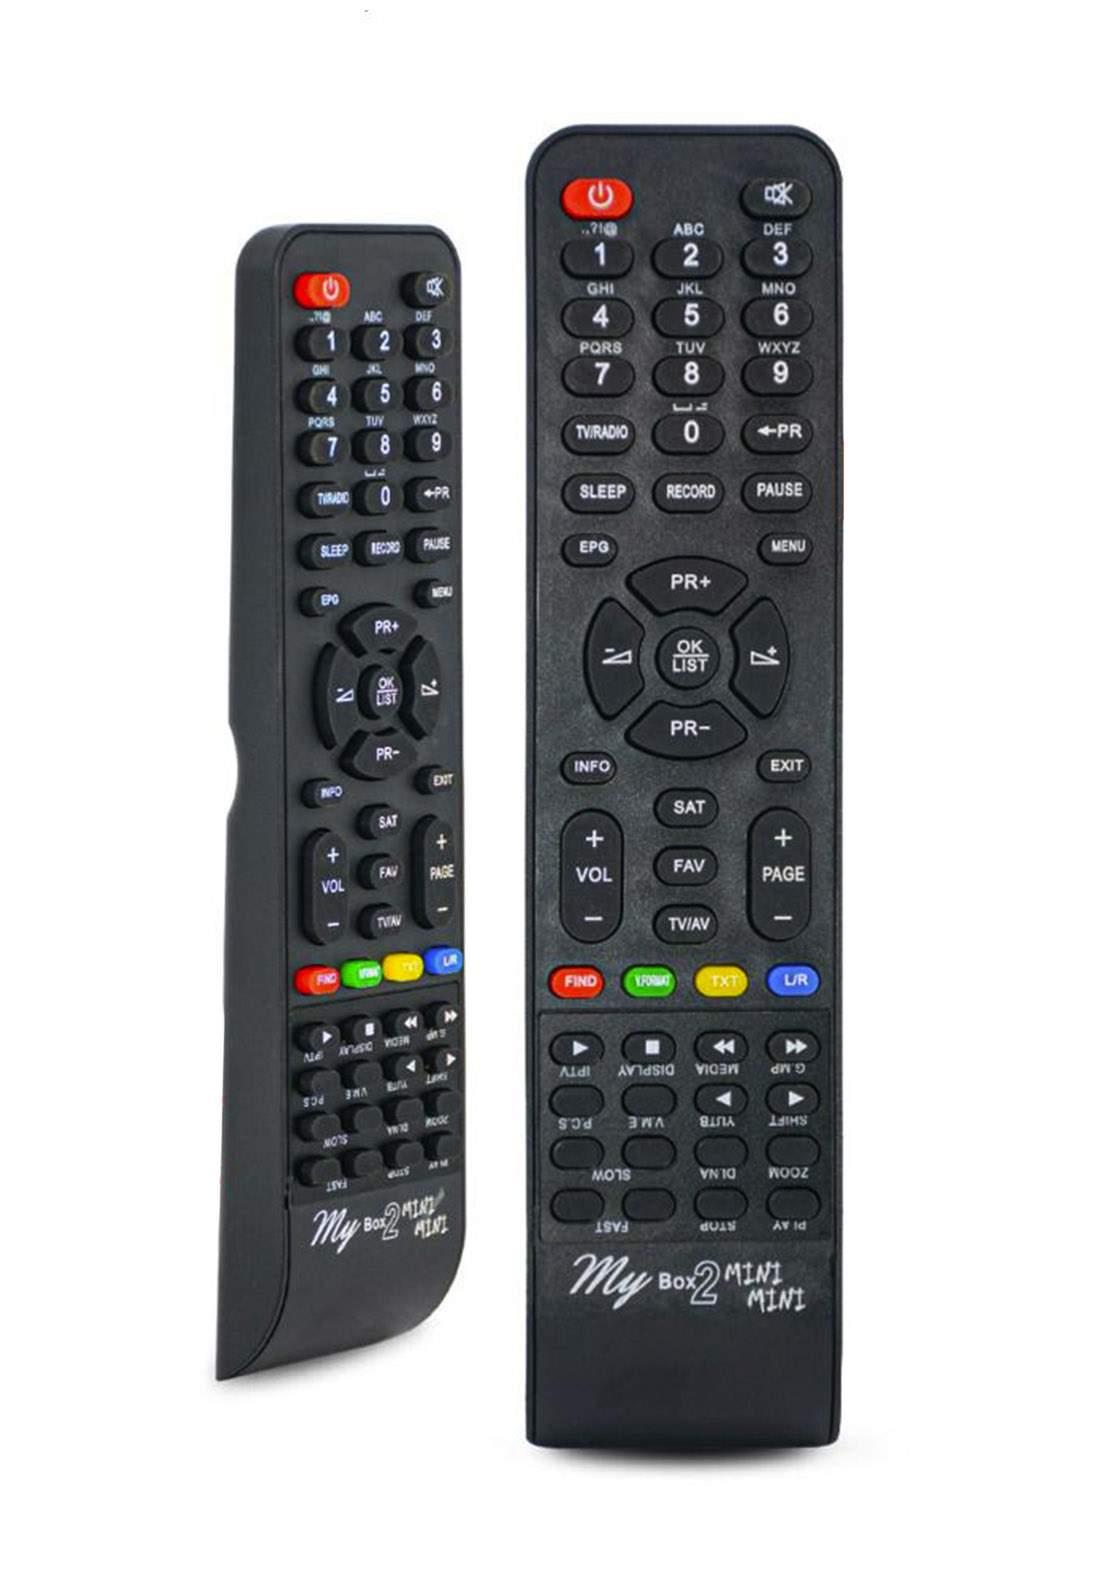 Remote Control For My Box2 Mini Mini Plasma TV (A-777) جهاز تحكم عن بعد